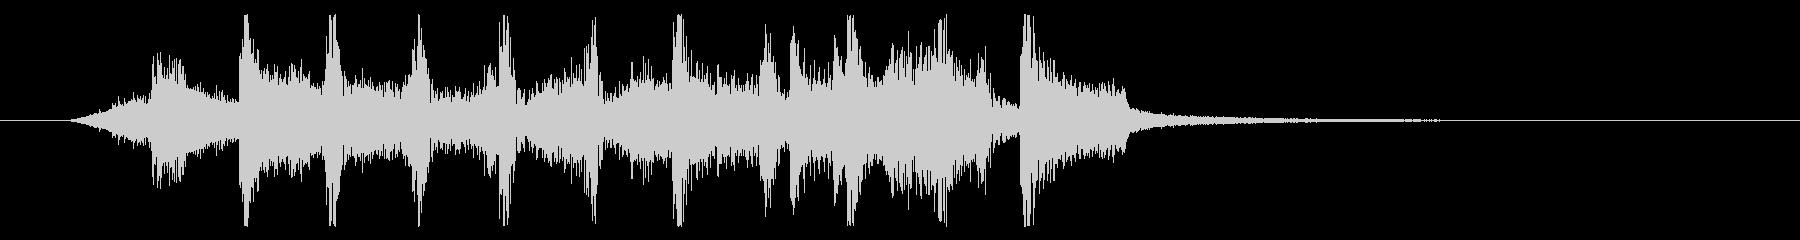 四つ打ちギターファンク ロゴ・ジングルの未再生の波形